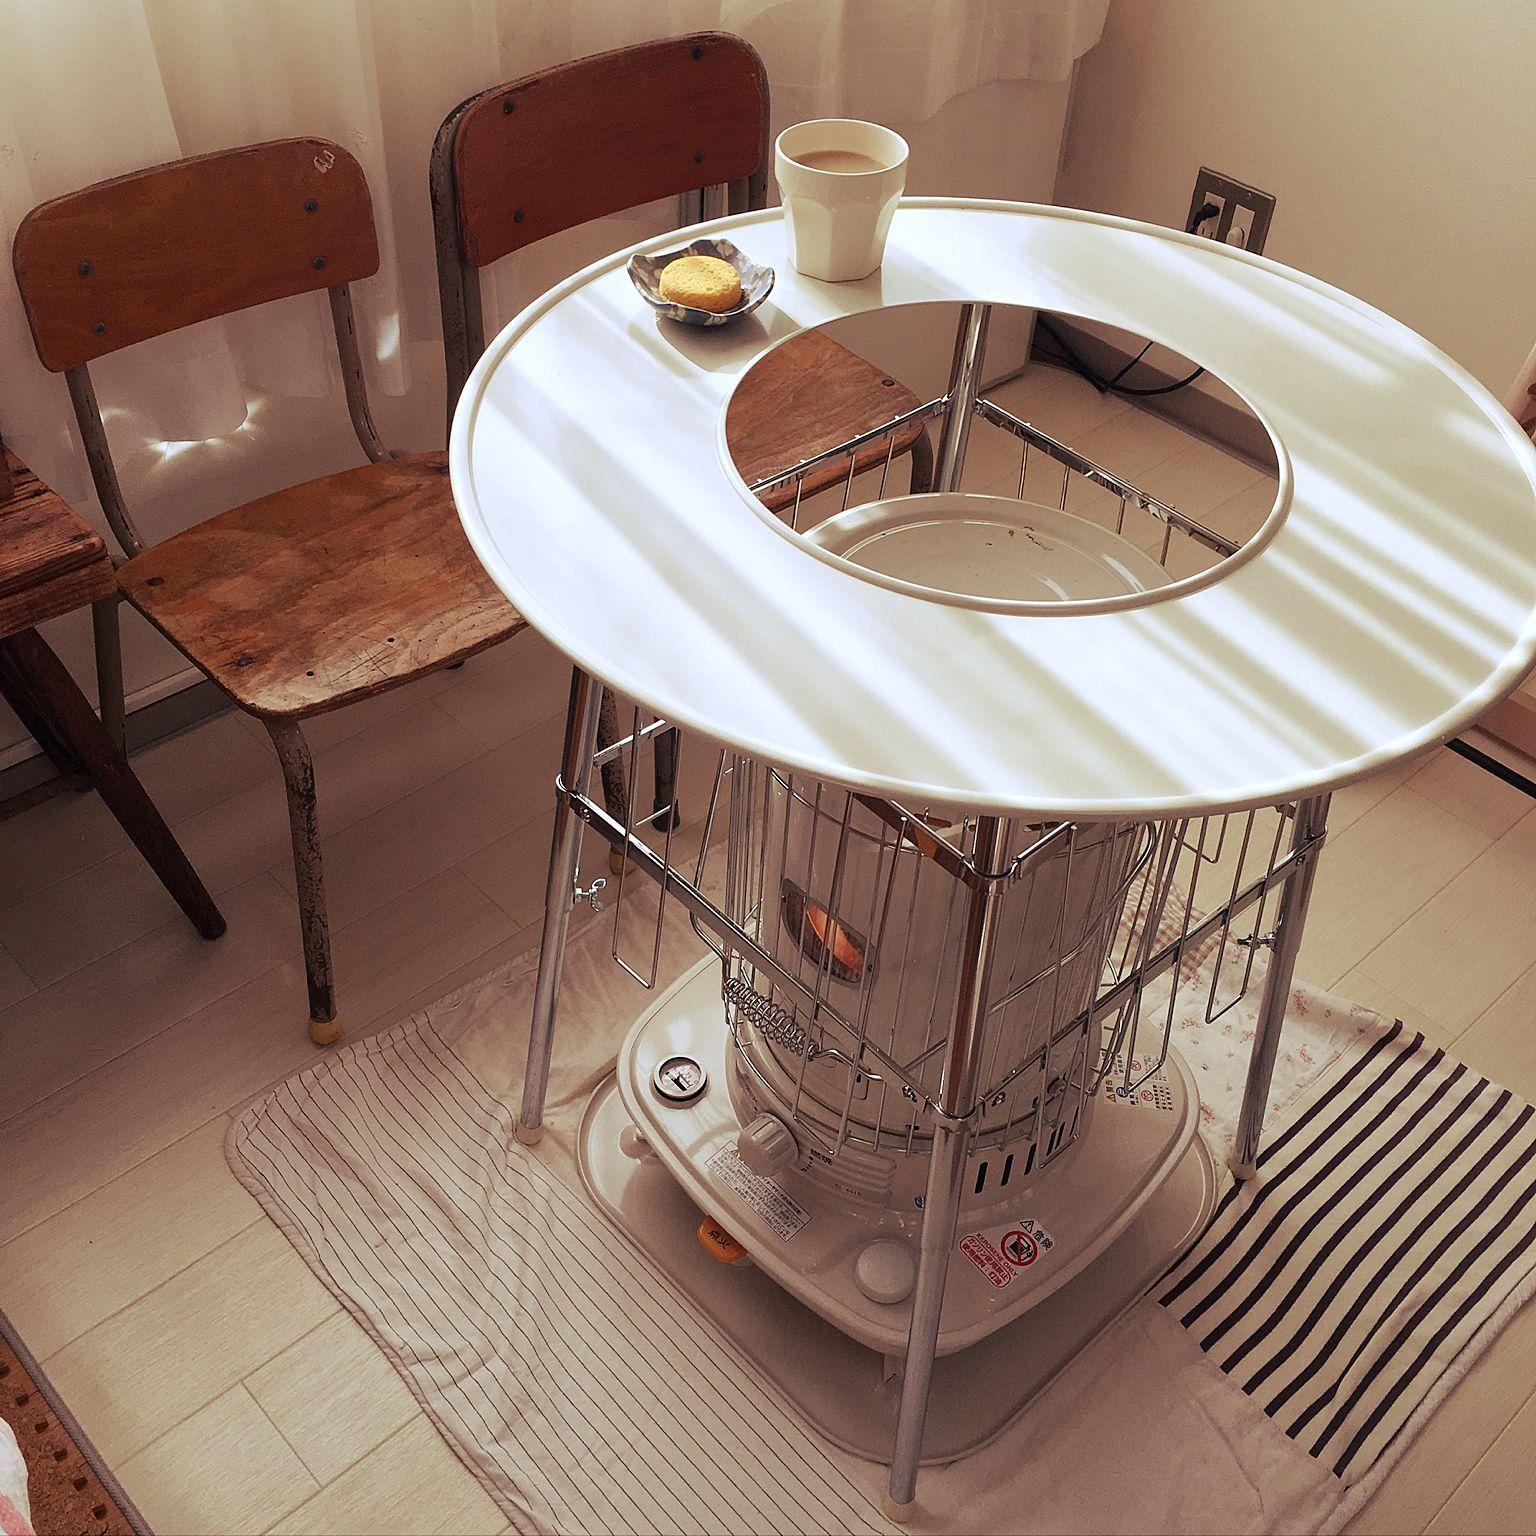 リビング おしゃれなヤカンが欲しい 学校の椅子 ティータイム ストーブガード などのインテリア実例 2017 01 28 10 31 32 Roomclip ルームクリップ インテリア インテリア 家具 インテリア 装飾